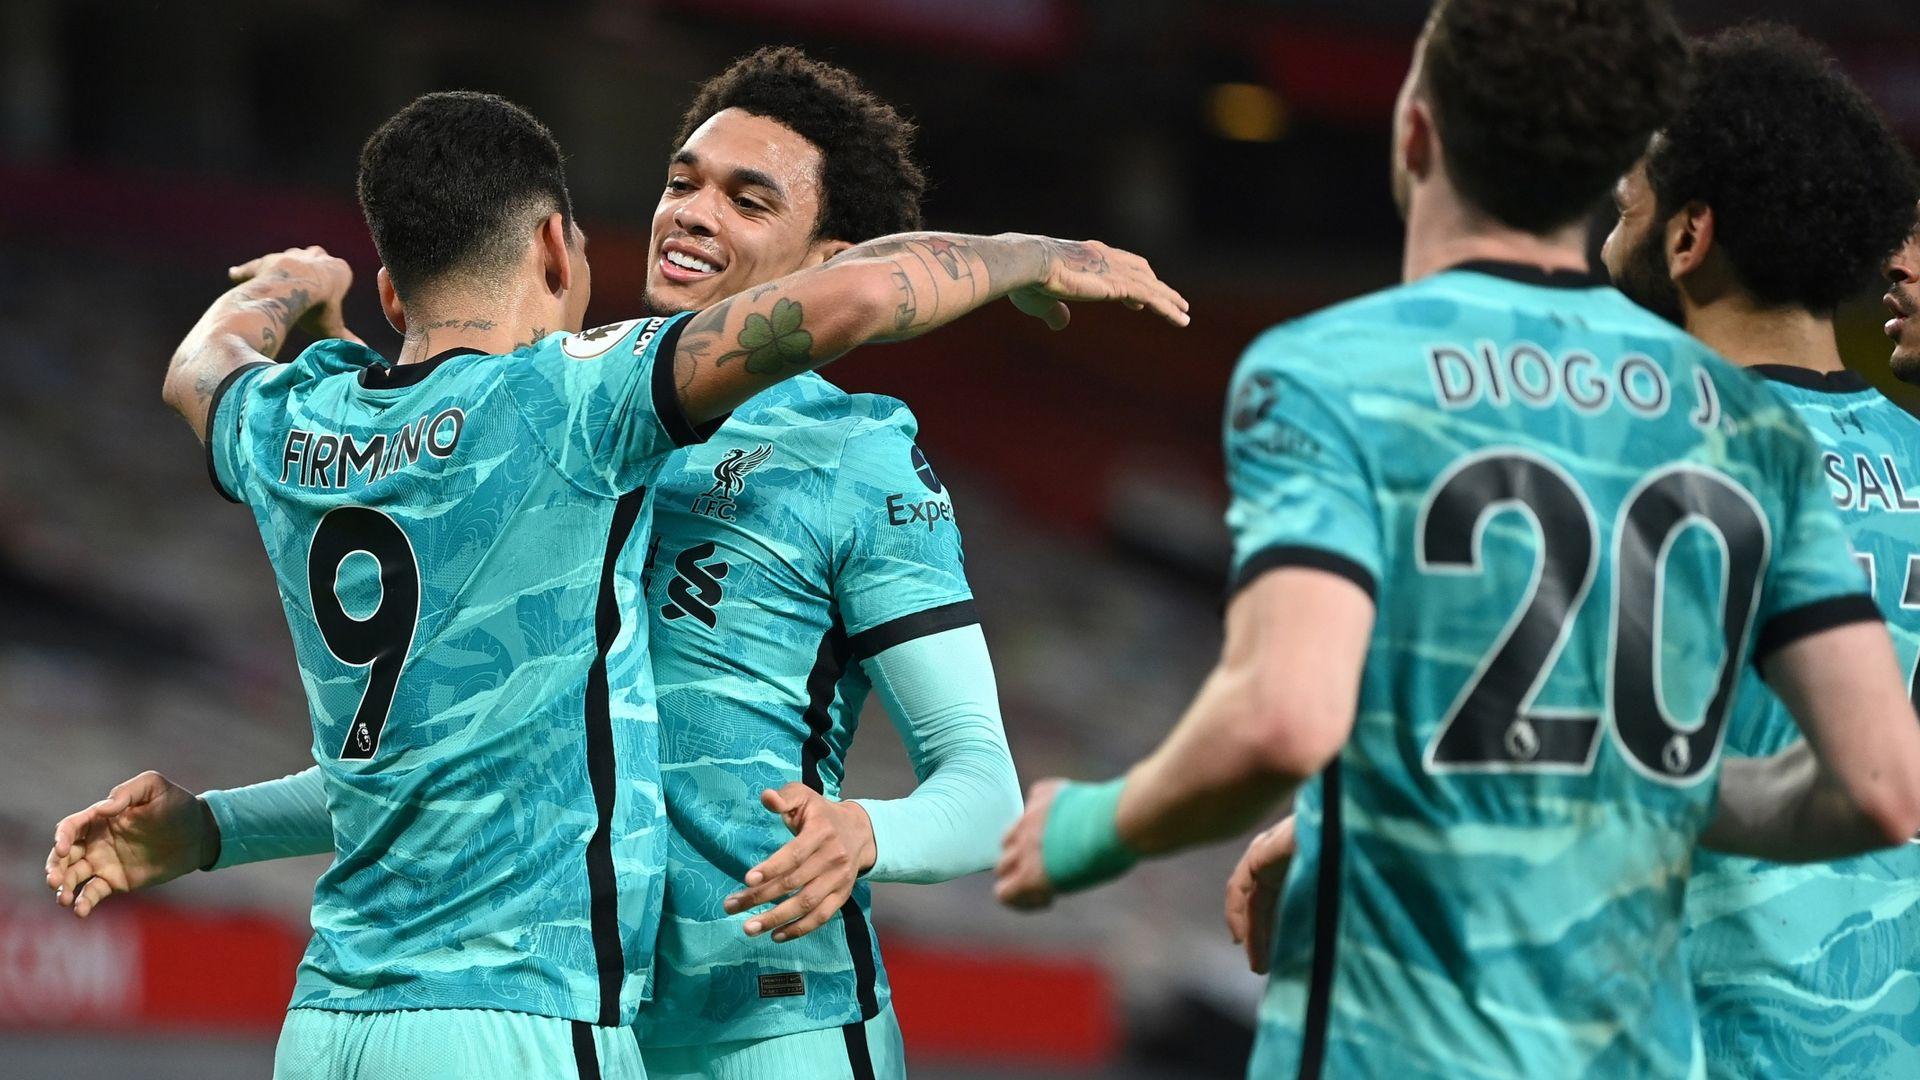 Liverpool beat Man Utd in thriller to reignite top-four bid